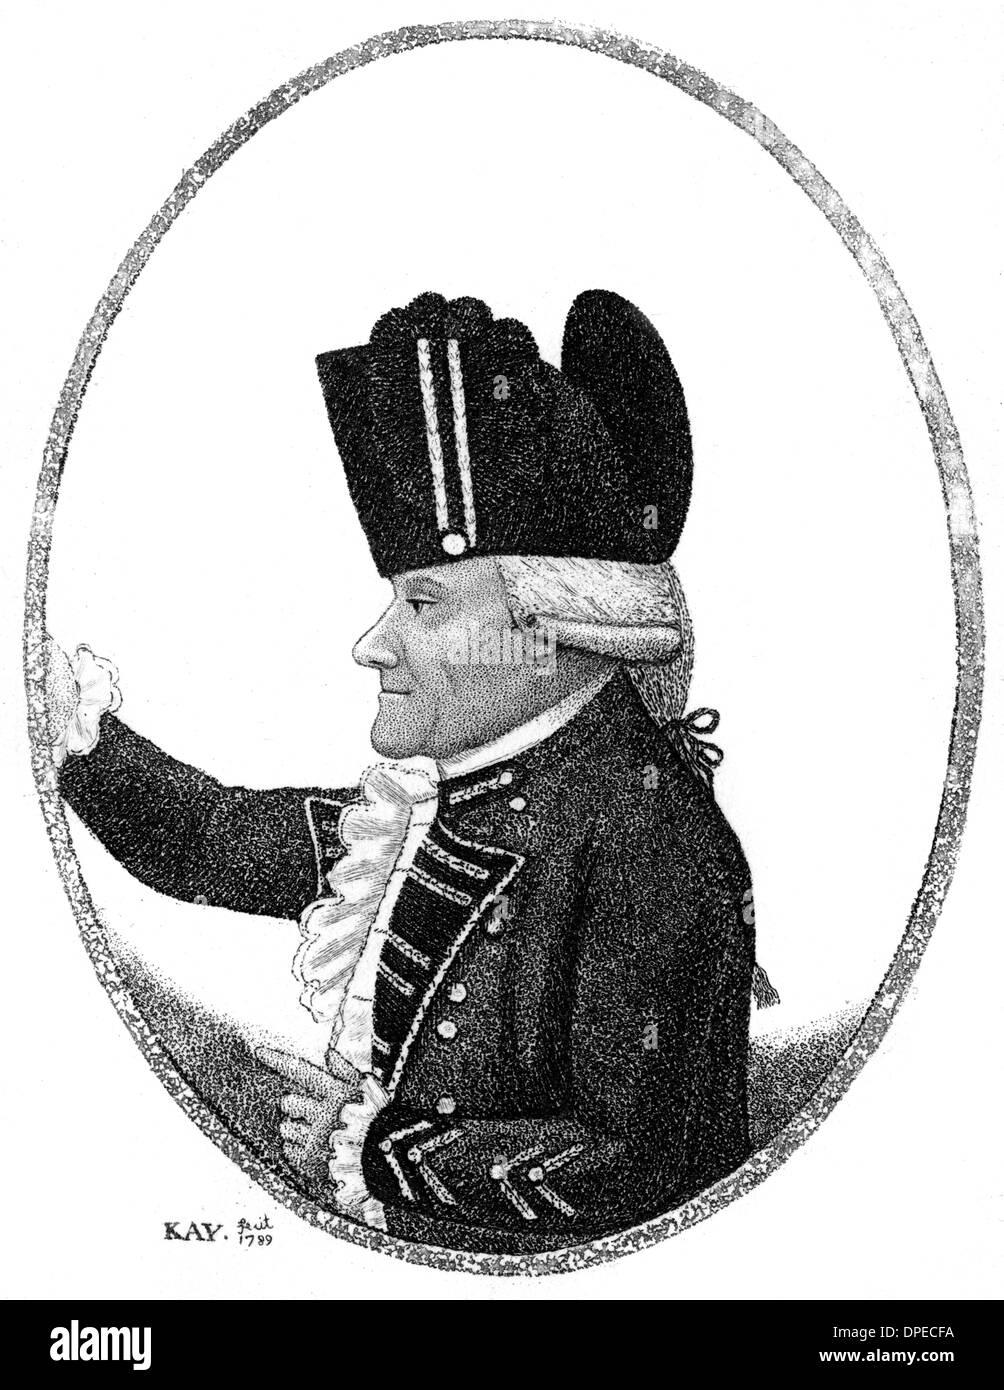 ALEXANDER LESLIE - Stock Image